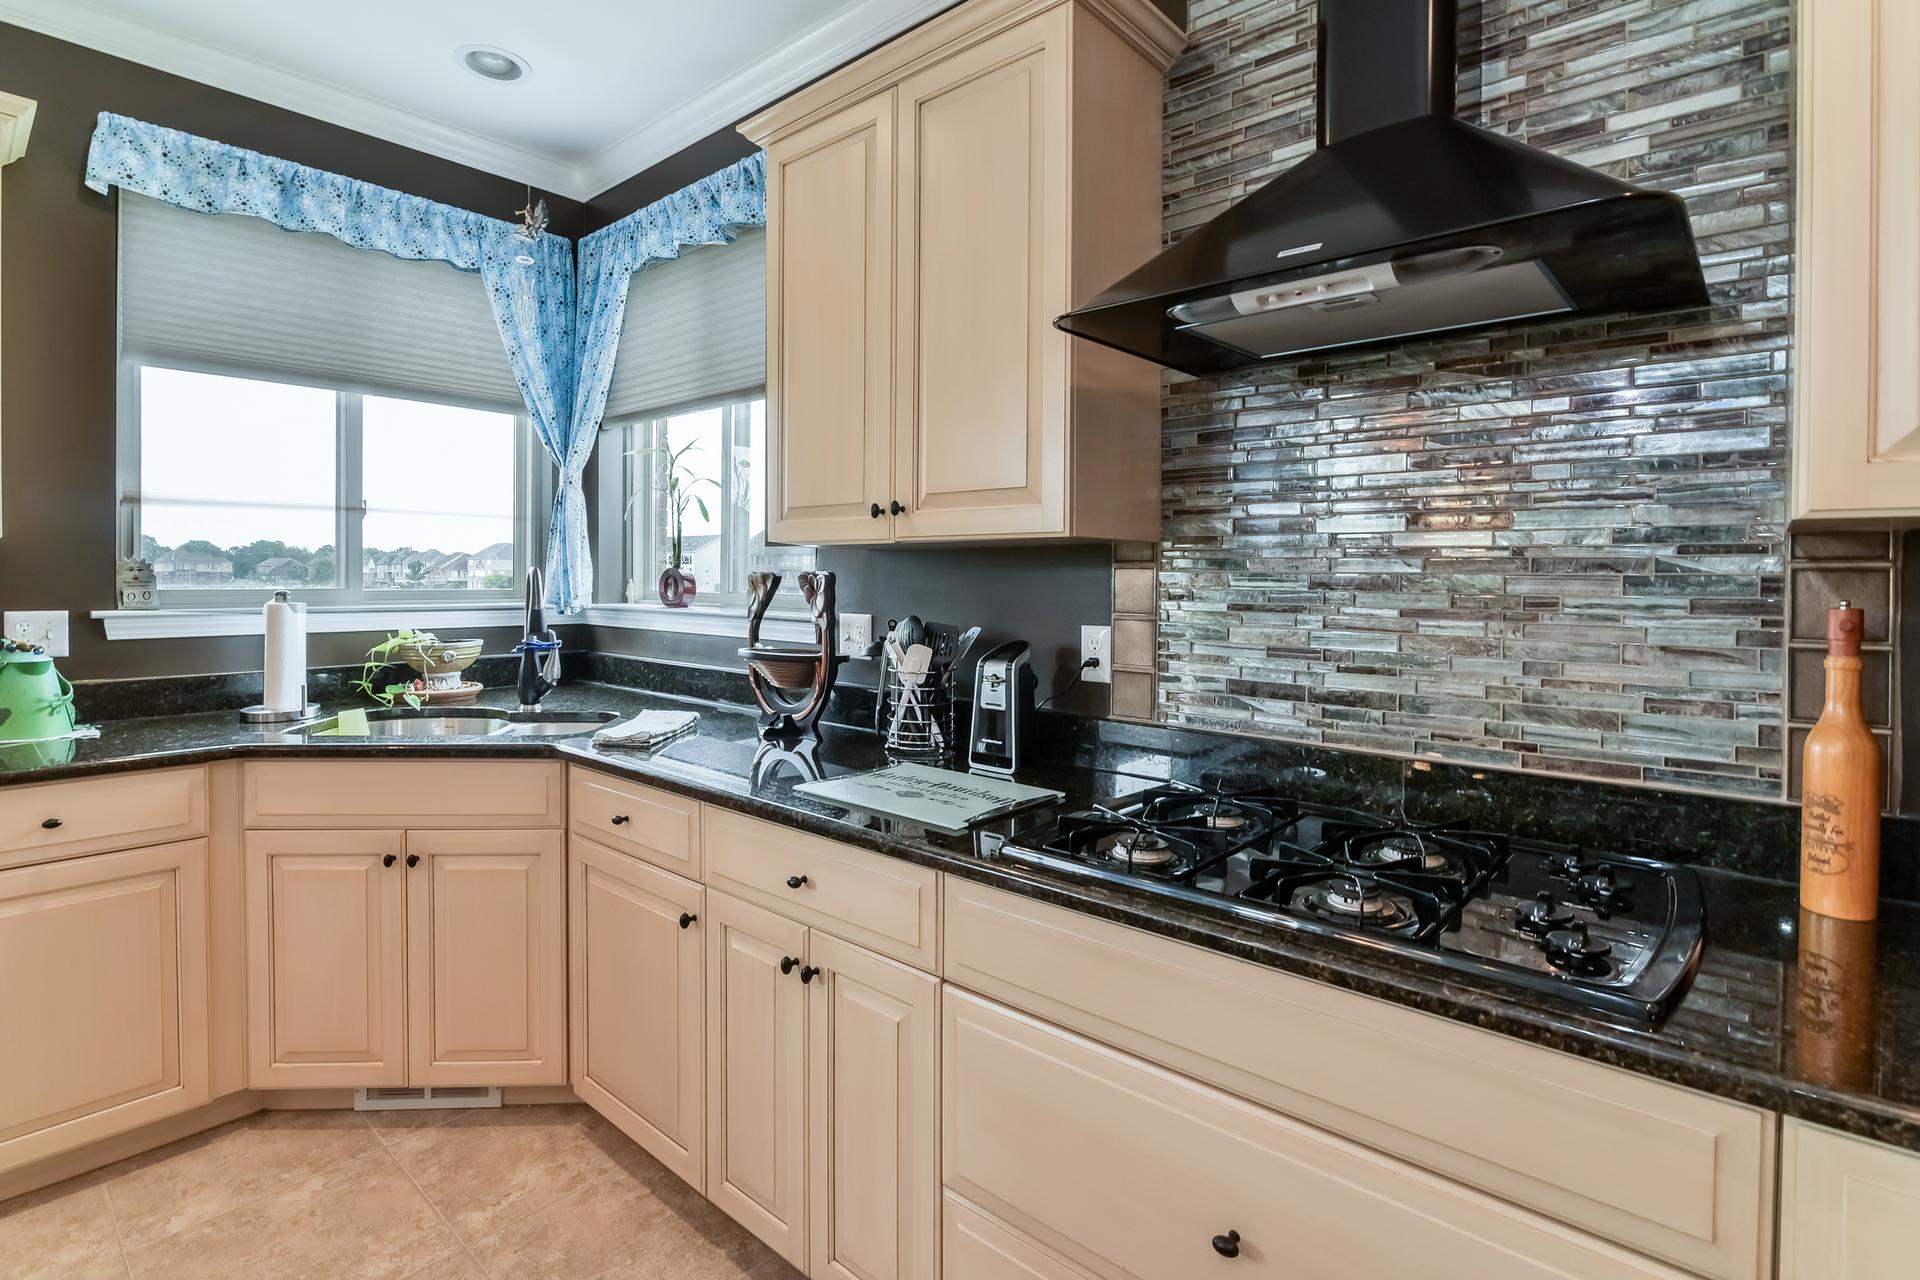 012-Kitchen-3017986-medium.jpg